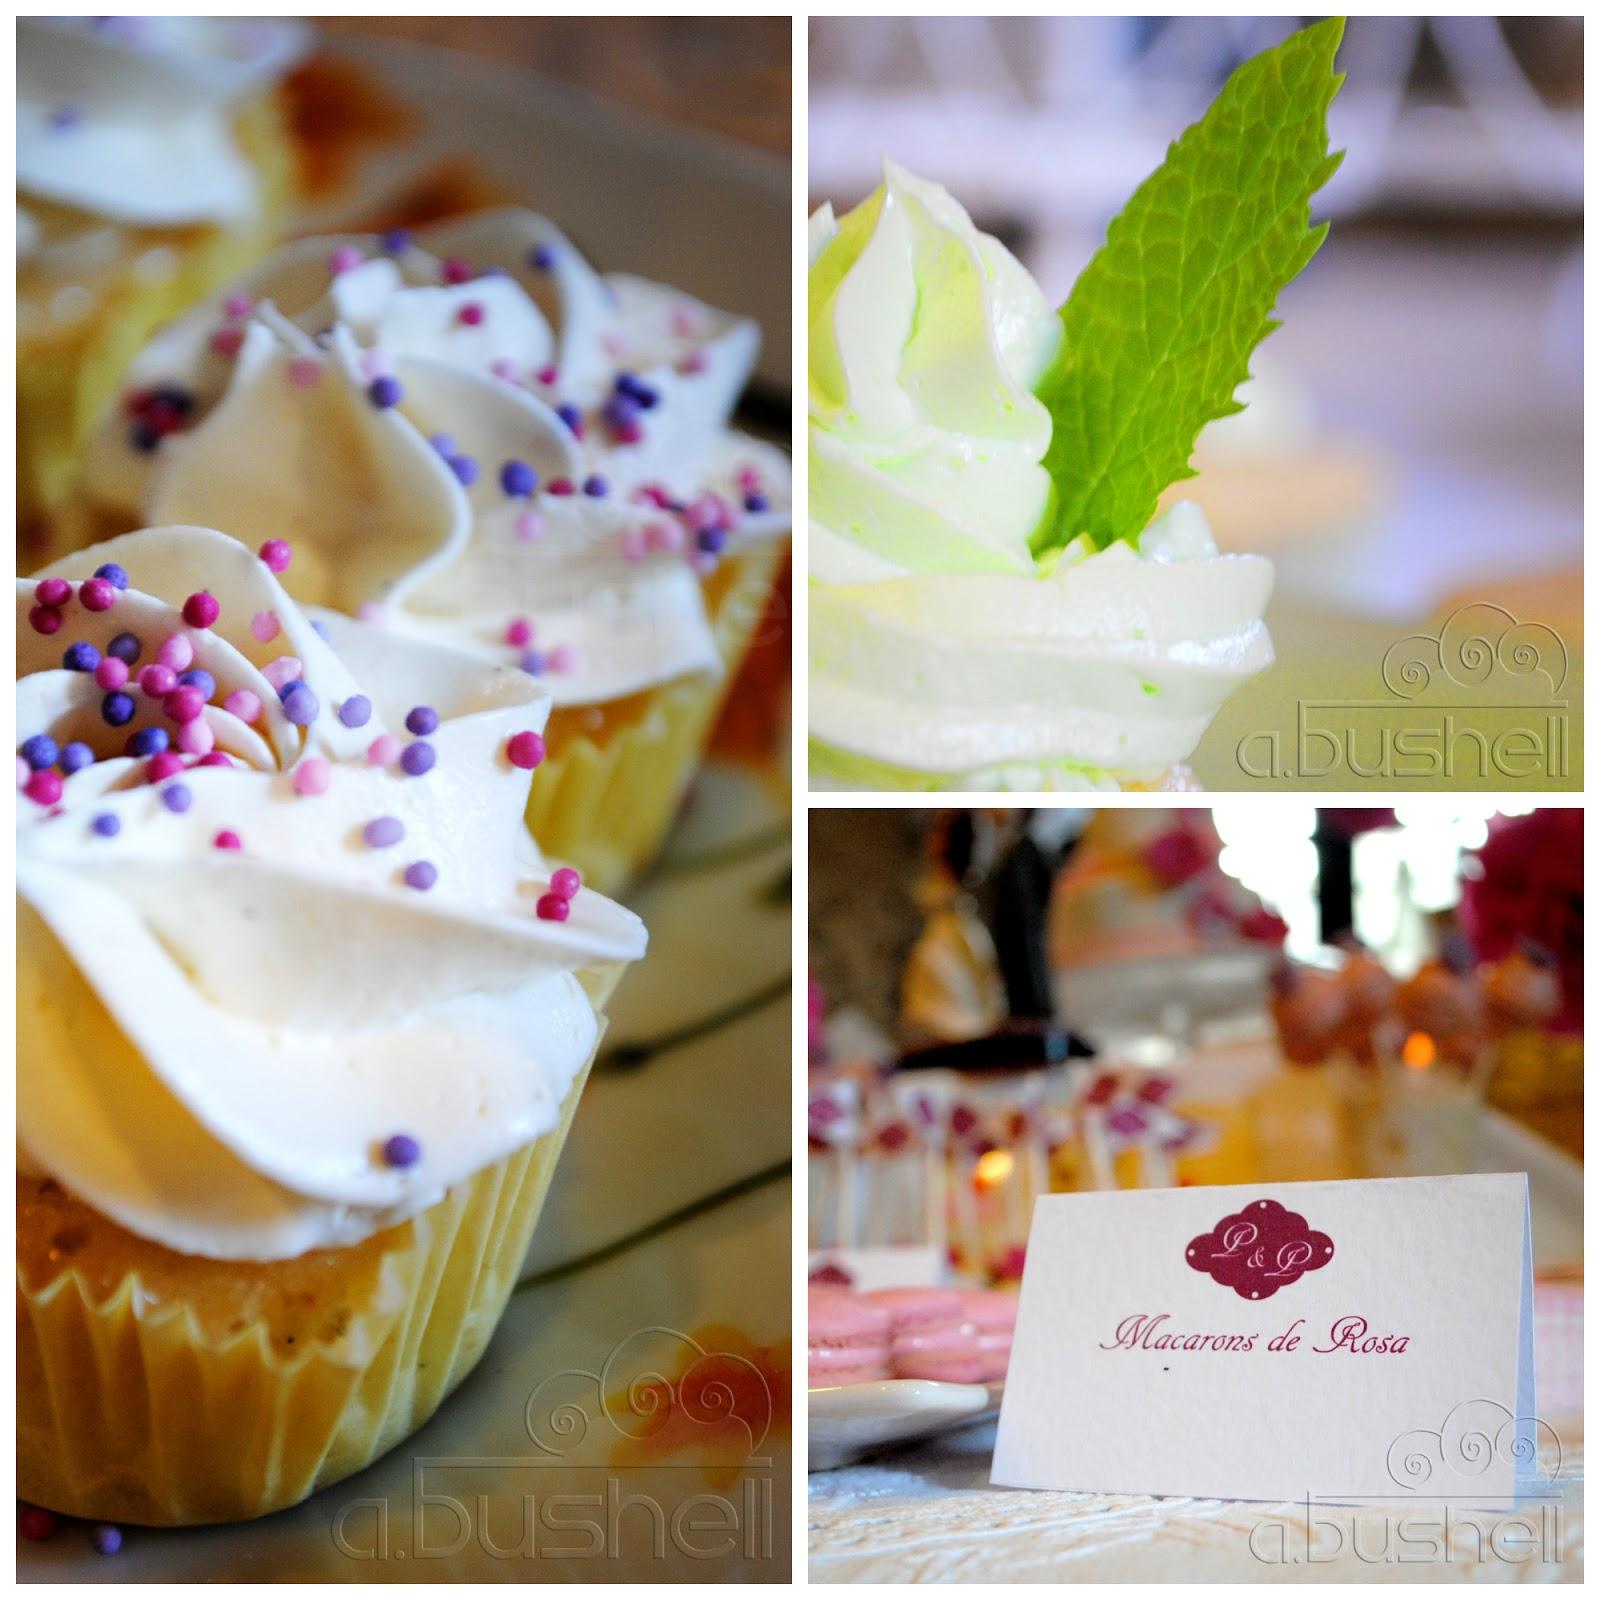 Diseño gráfico Pam Cupcakes